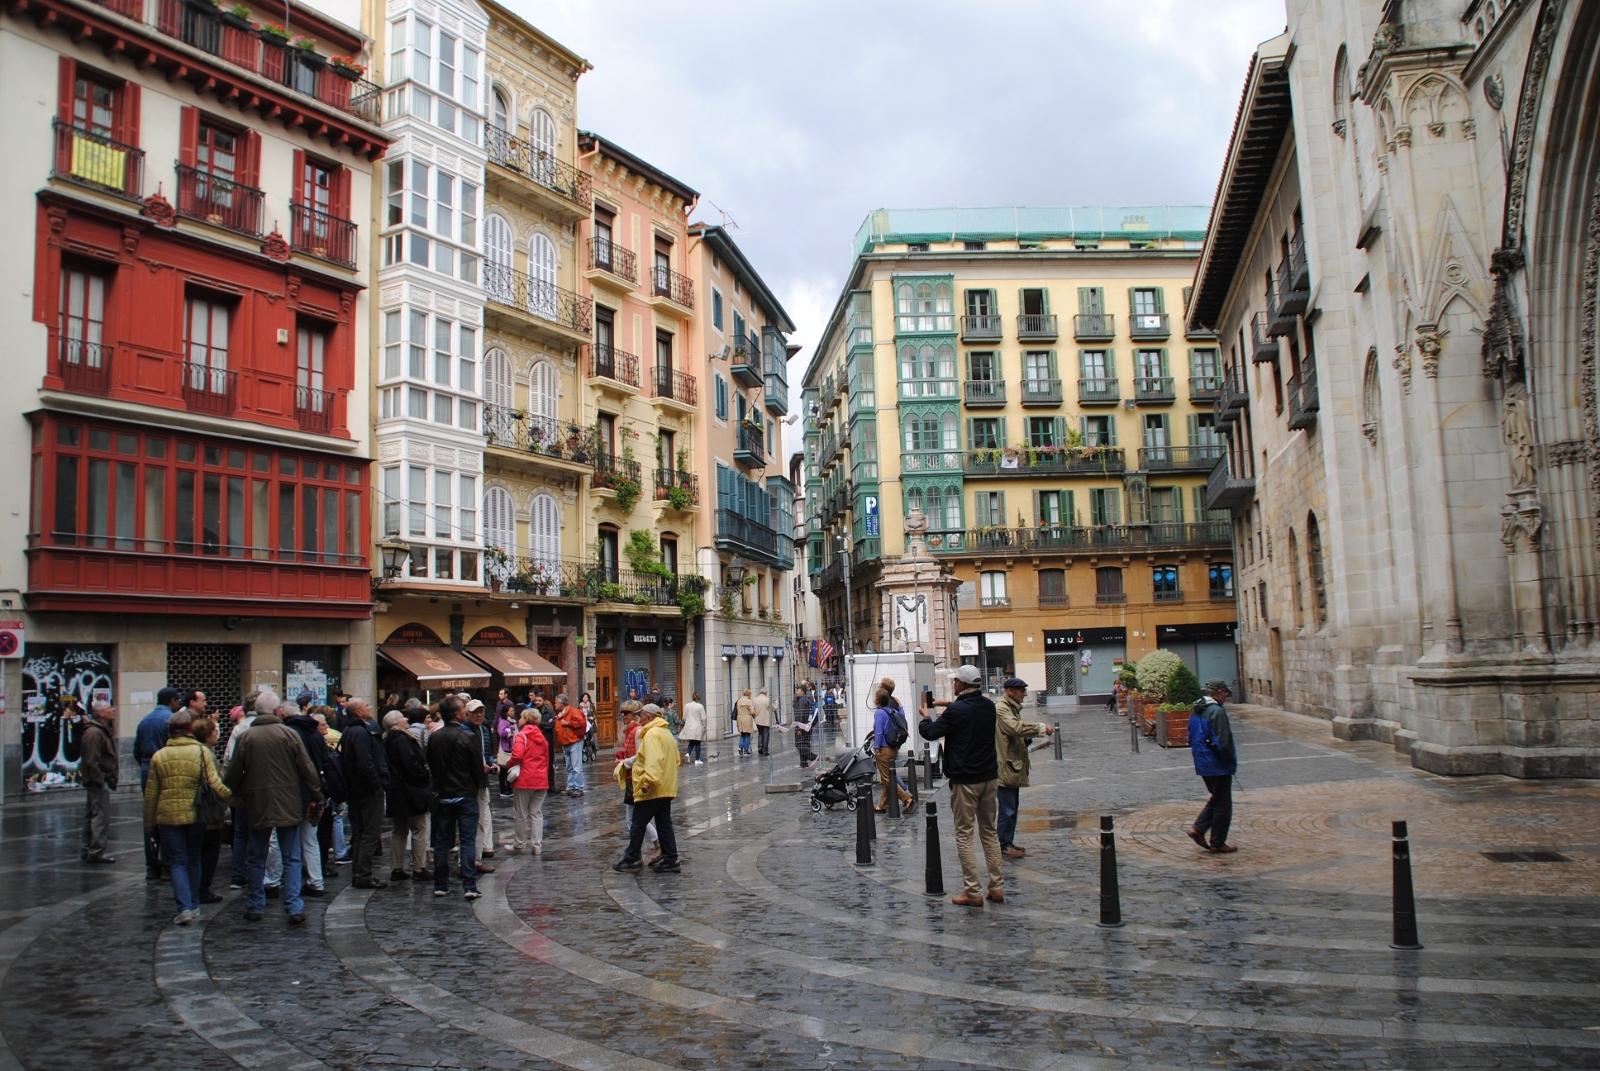 Bilbao, eine reiche und gepflegte Stadt, ein Besuch lohnt sich.